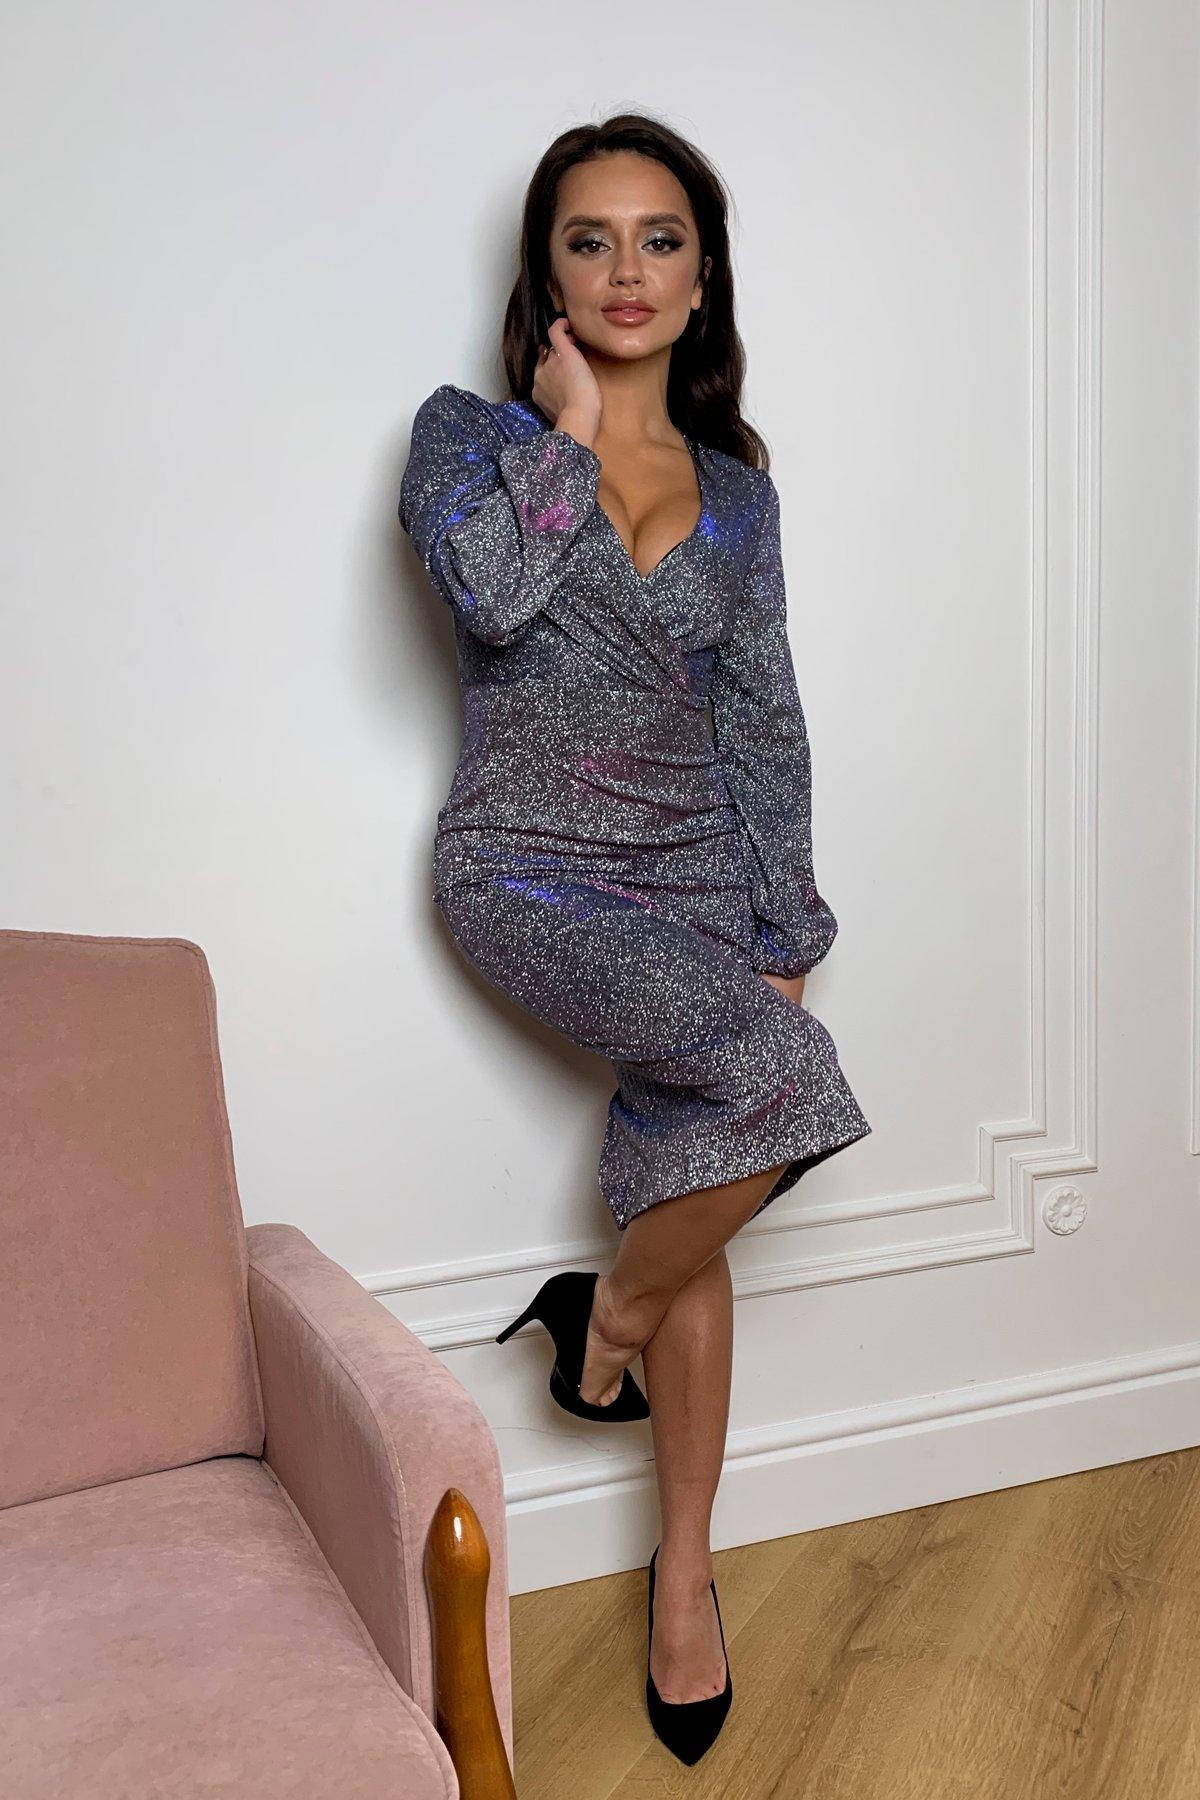 Нарядное платье с люрексом Фаселис 8527 АРТ. 45029 Цвет: Серебро/электрик/фиолет - фото 4, интернет магазин tm-modus.ru